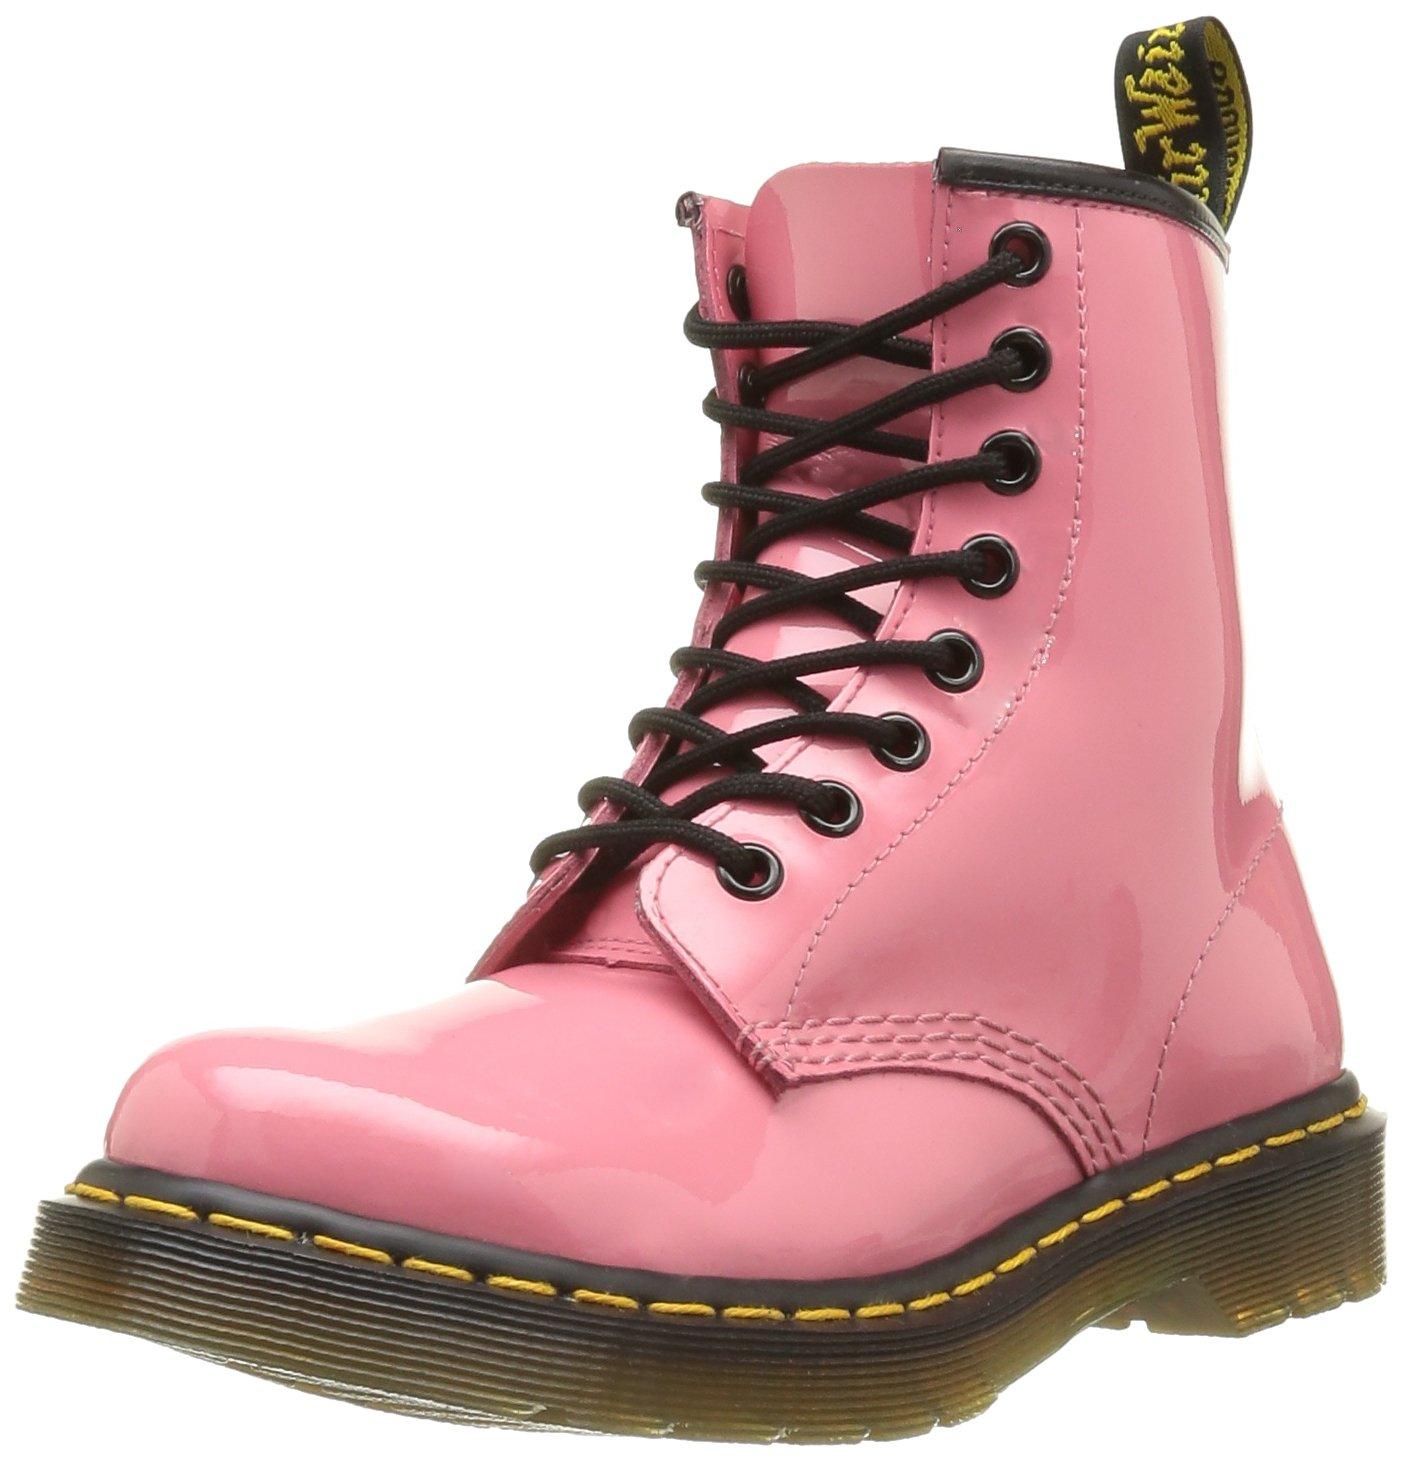 Dr. Martens Femme 10528 1460, Bottines Pink) Femme Rose (Acid Pink) ce174dd - automatisms.space